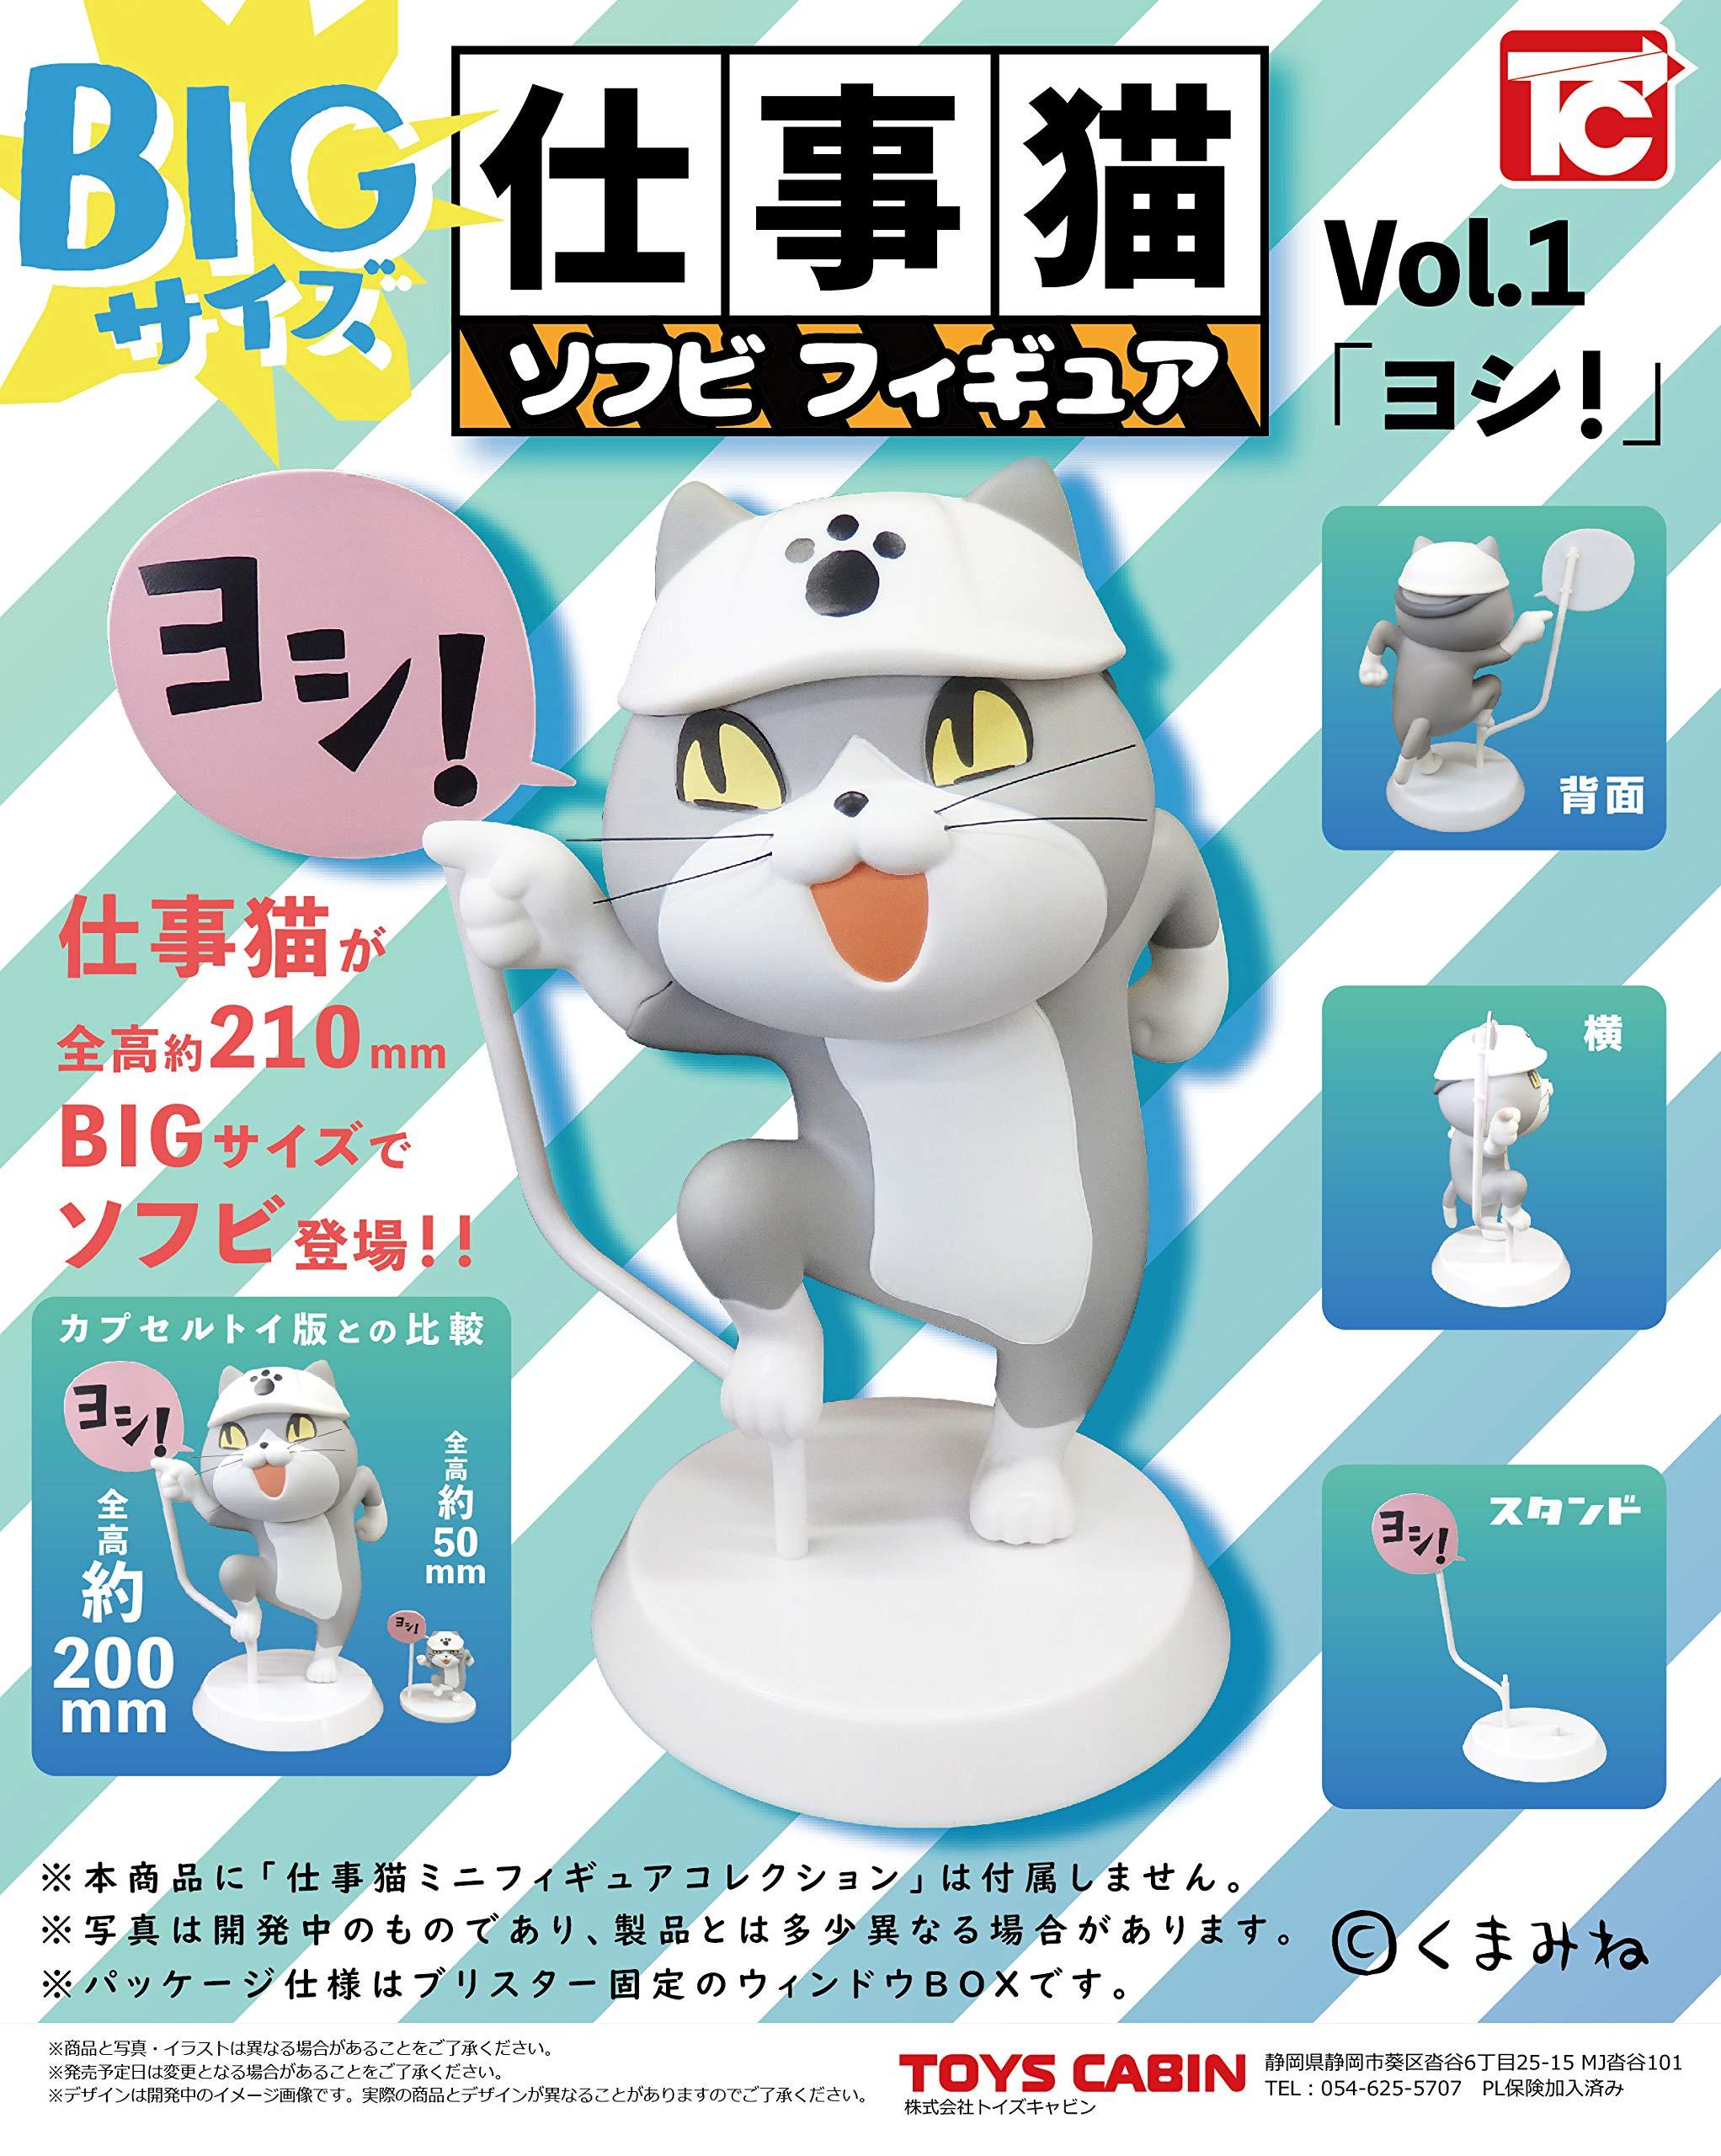 「ヨシ!」BIGサイズの仕事猫ソフビフィギュアVol.1「ヨシ!」が登場!予約受付中【2021年5月発売!】割引情報